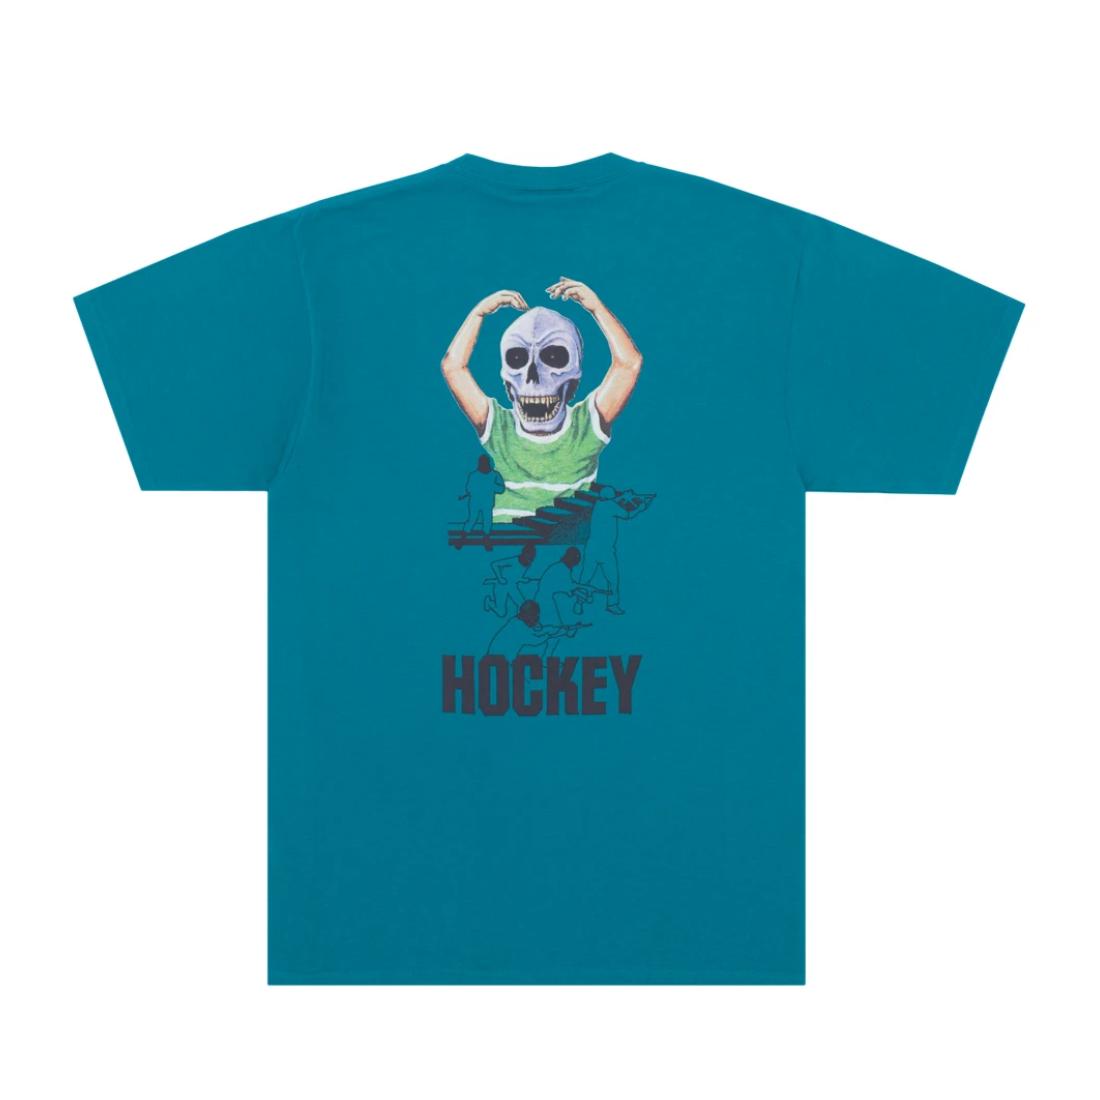 【Hockey】Skull Kid Tee - Teal